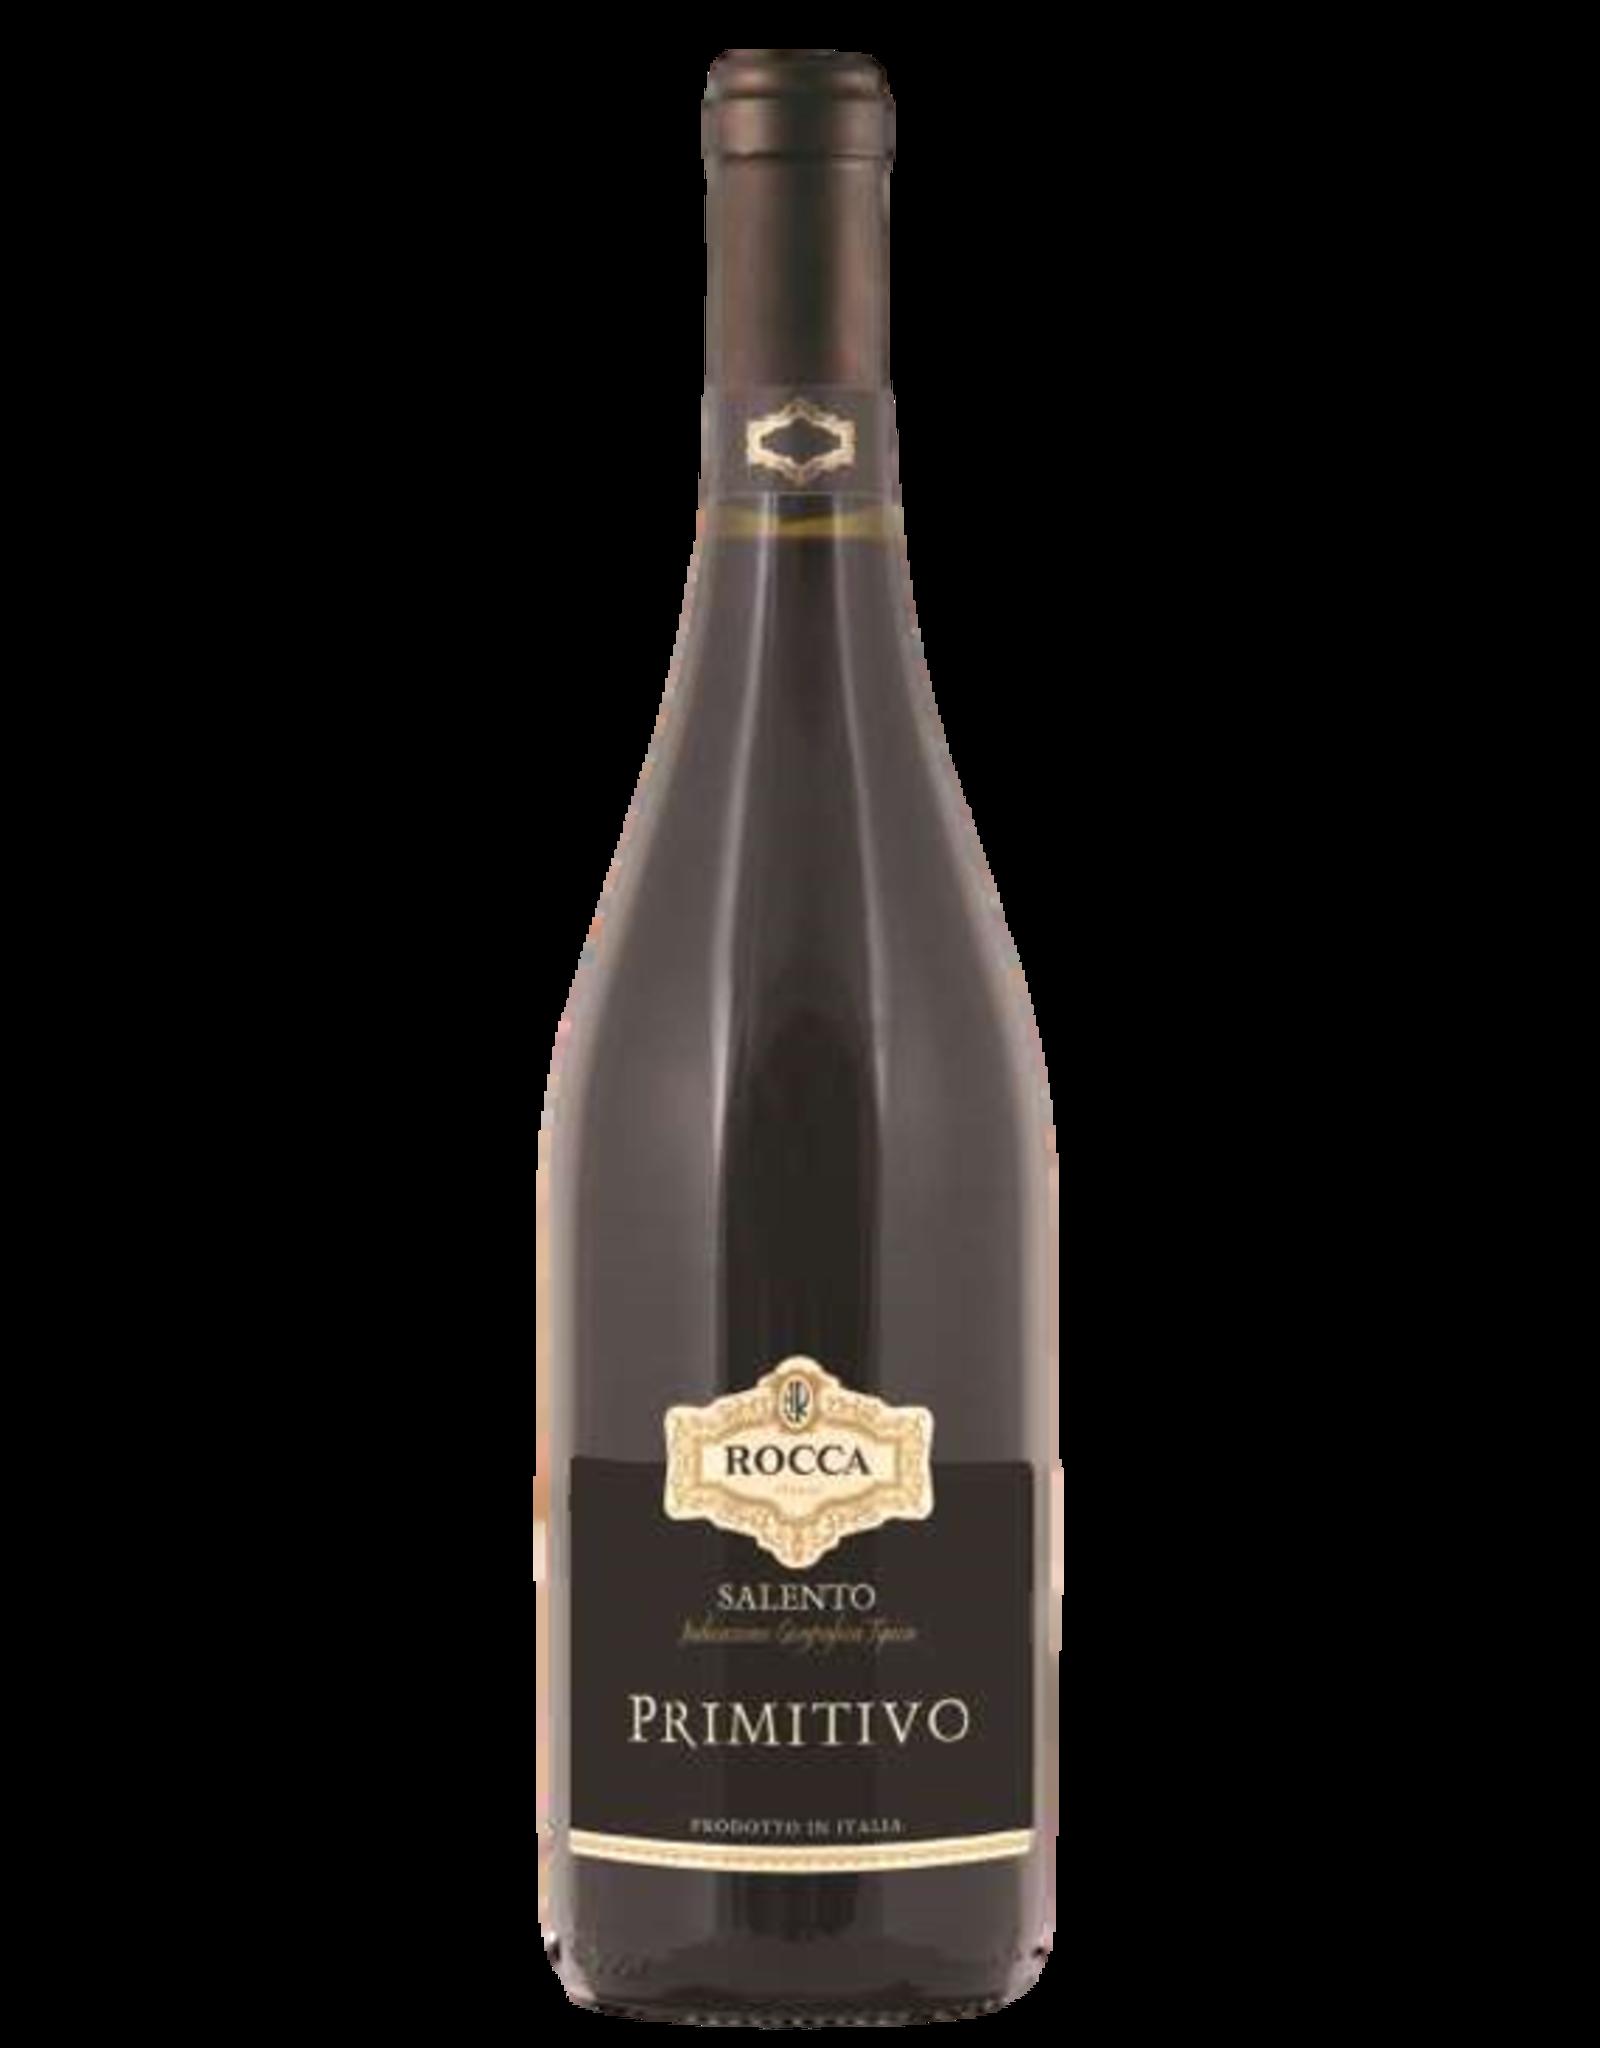 Rocca Primitivo Salento IGT